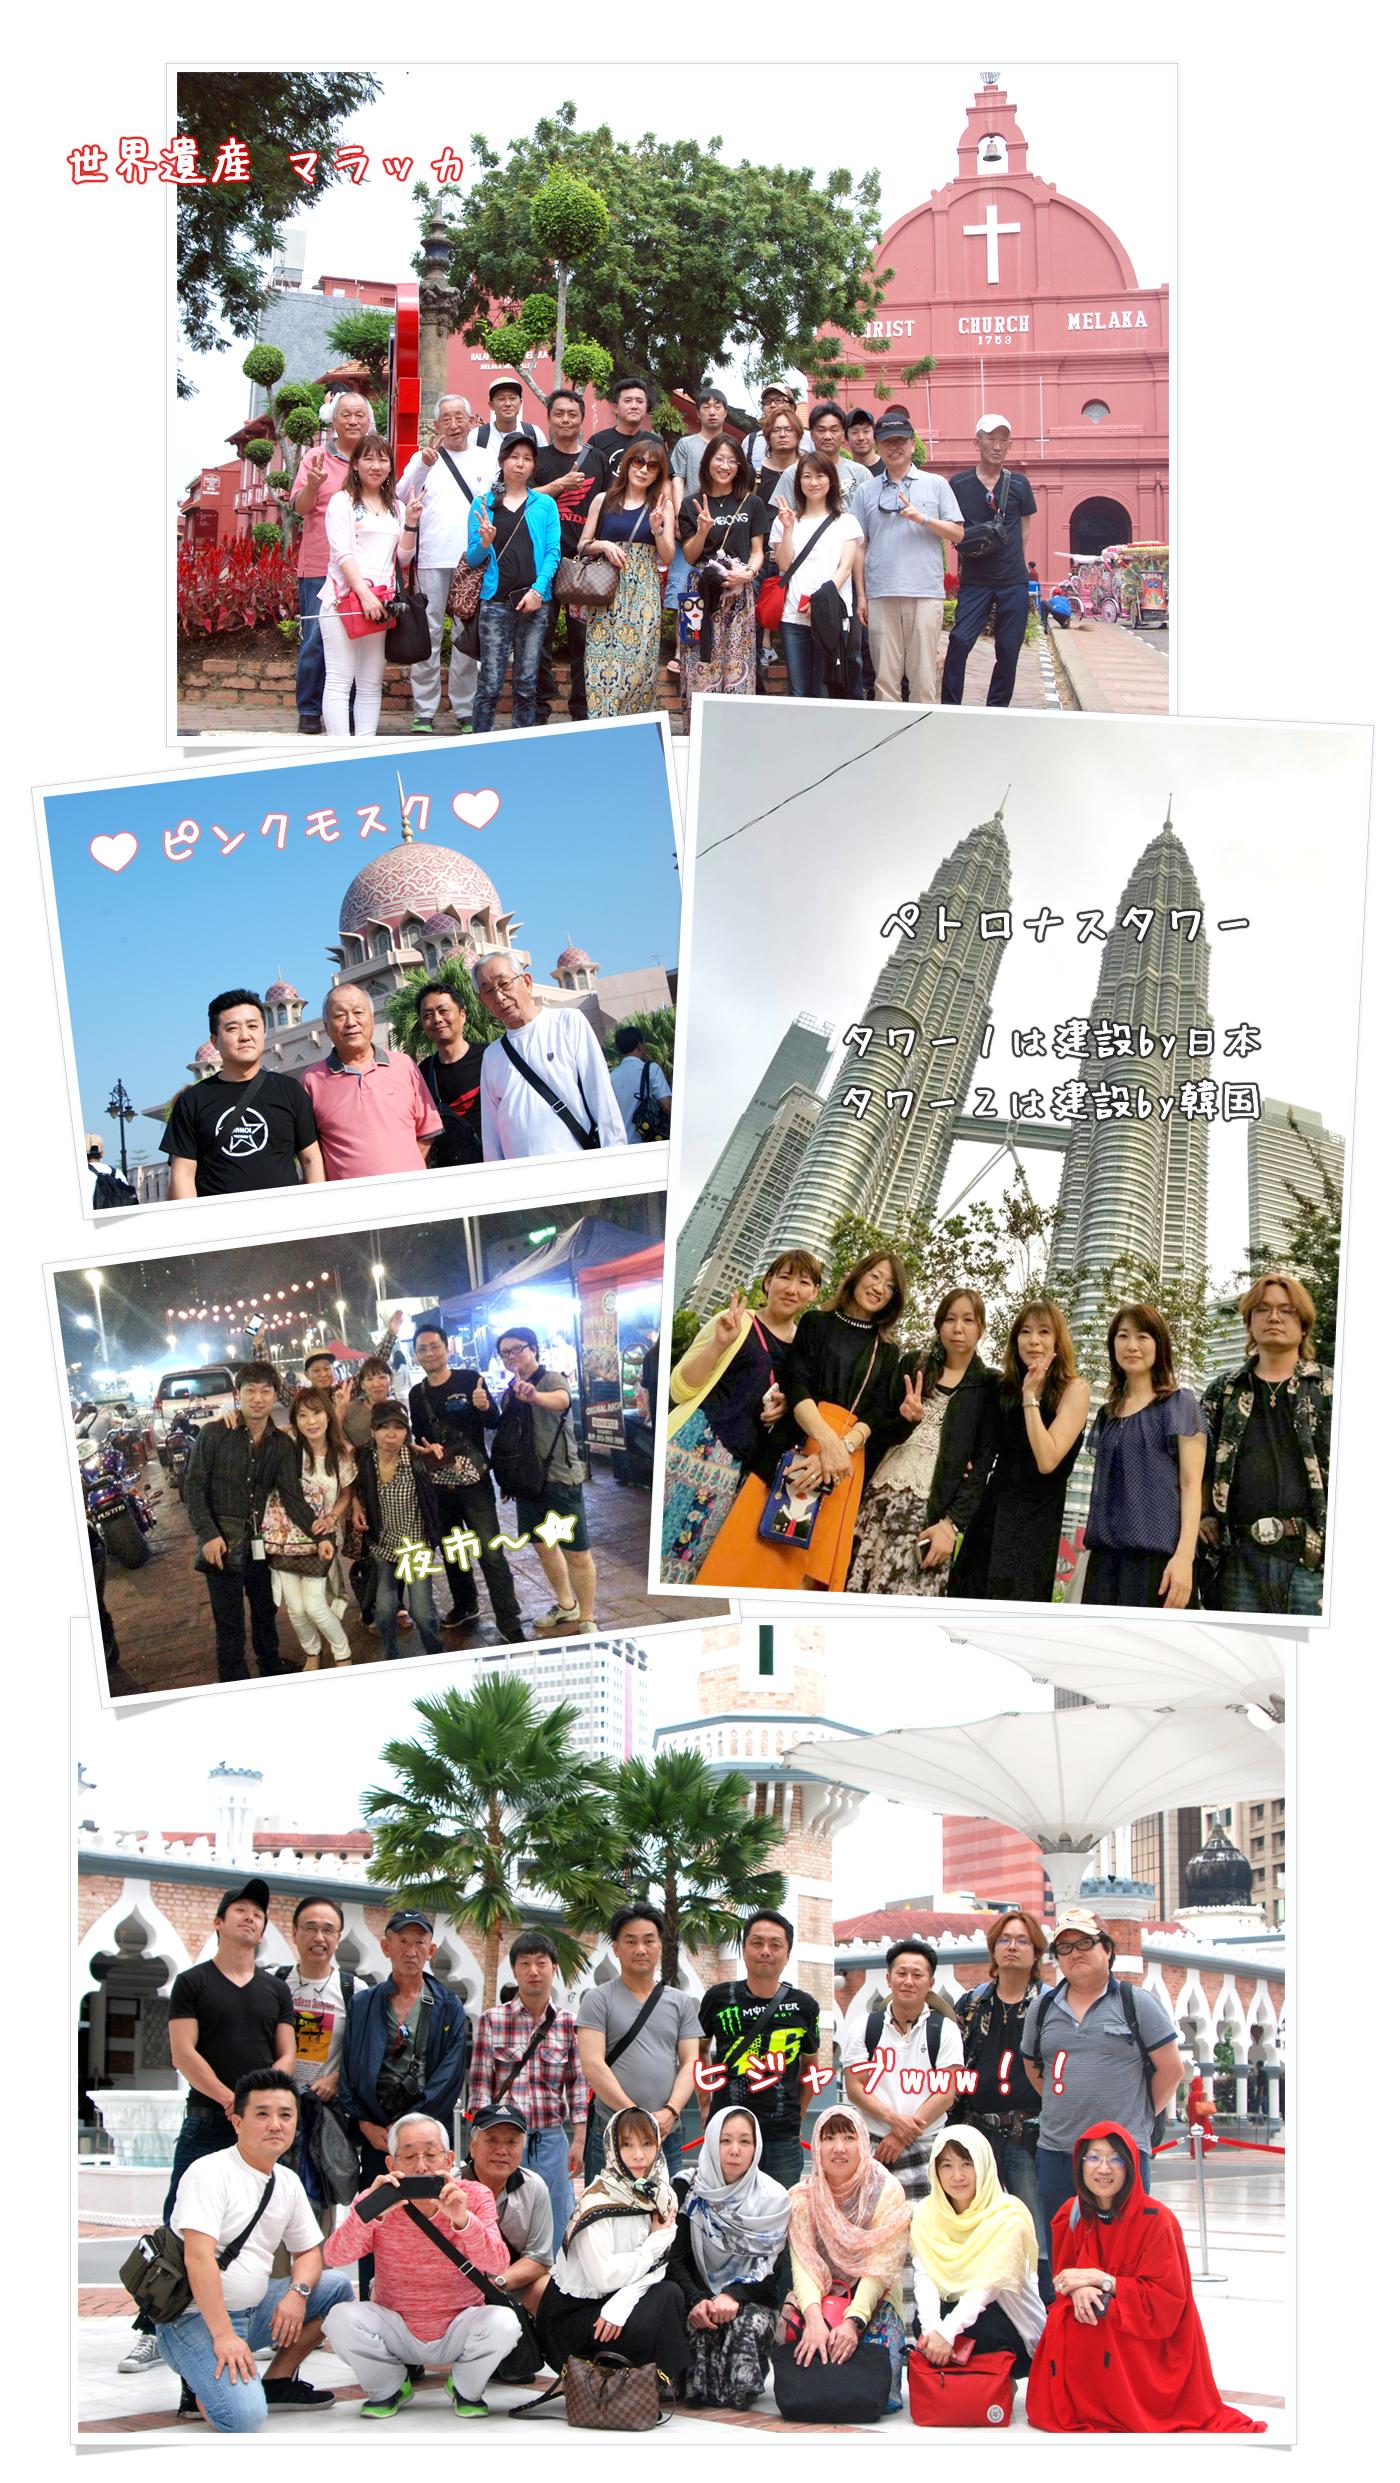 慰安旅行 in マレーシア